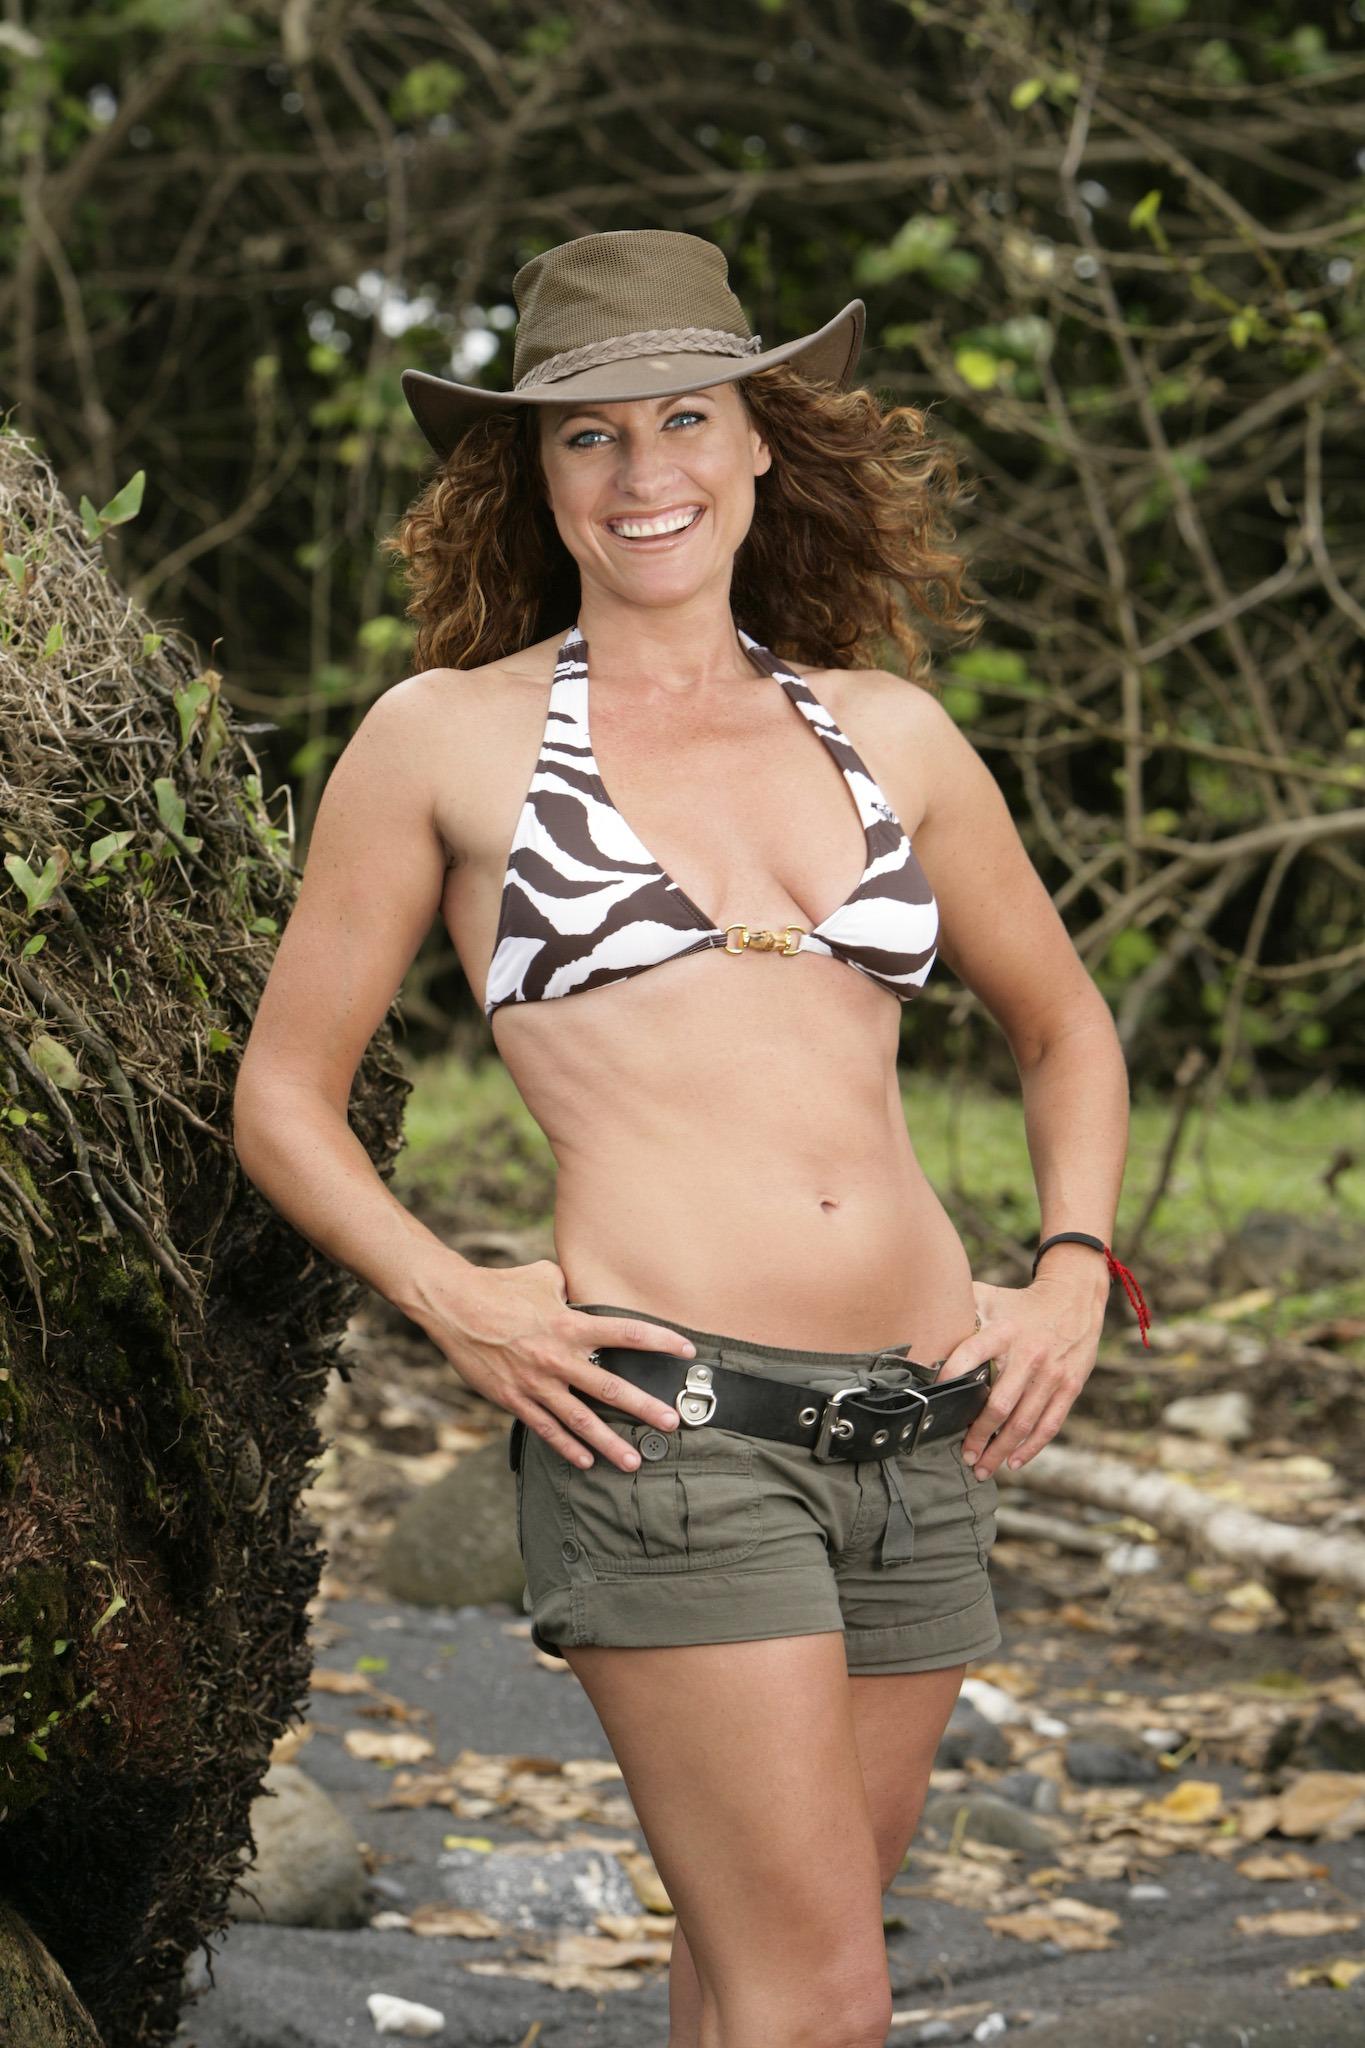 Amanda Survivor Nude survivor girls in playboy - porno photo